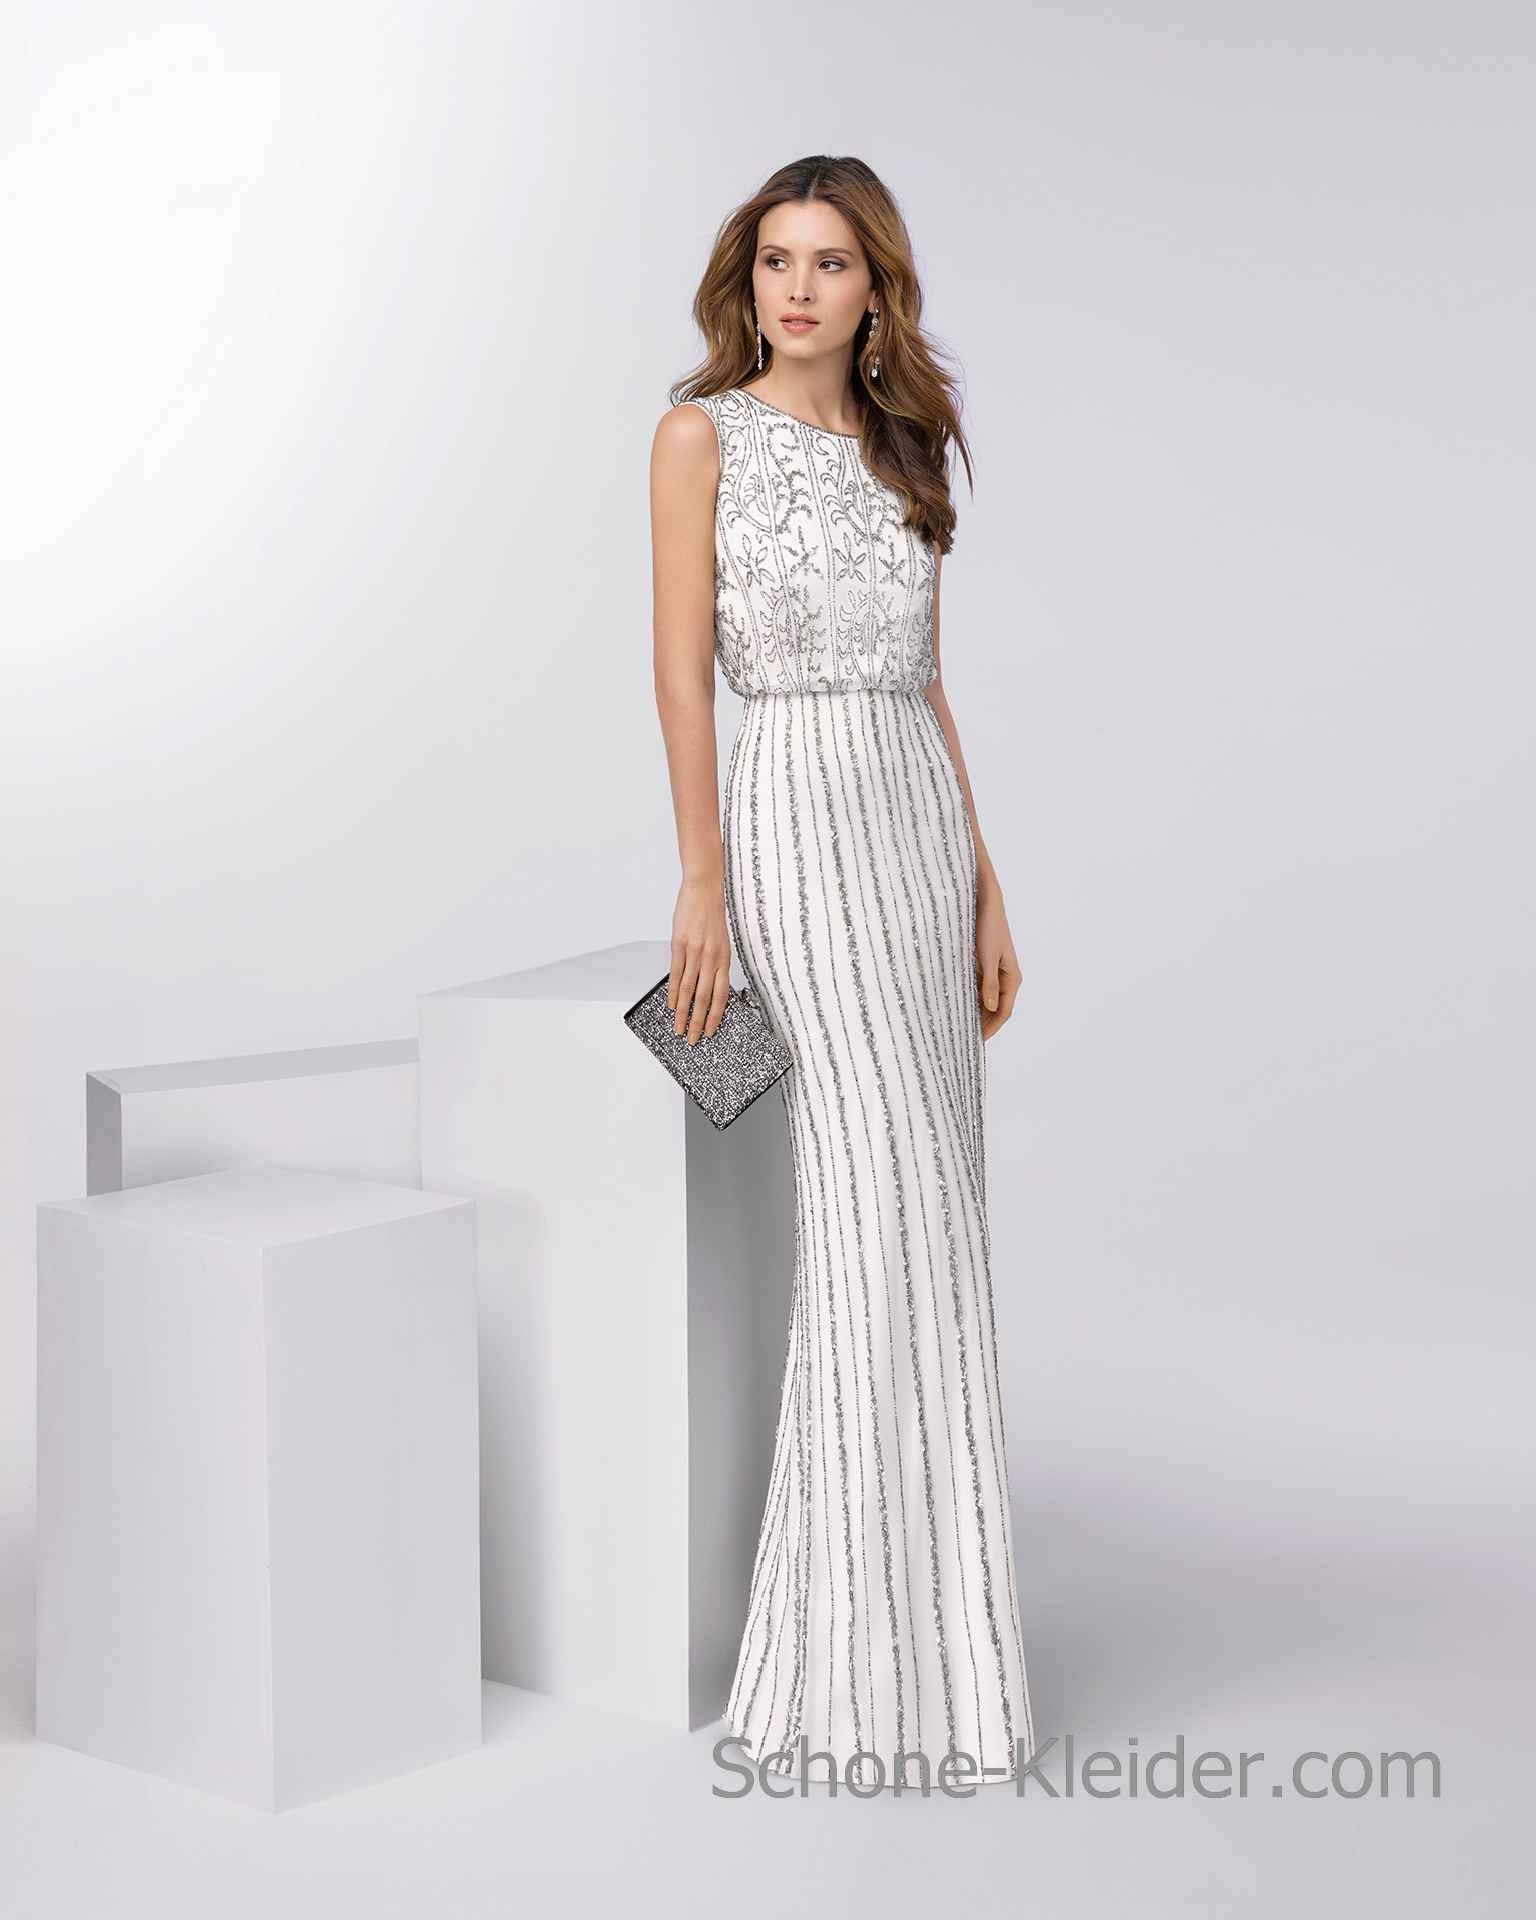 Designer Cool Elegante Weiße Kleider Ärmel20 Luxurius Elegante Weiße Kleider Design